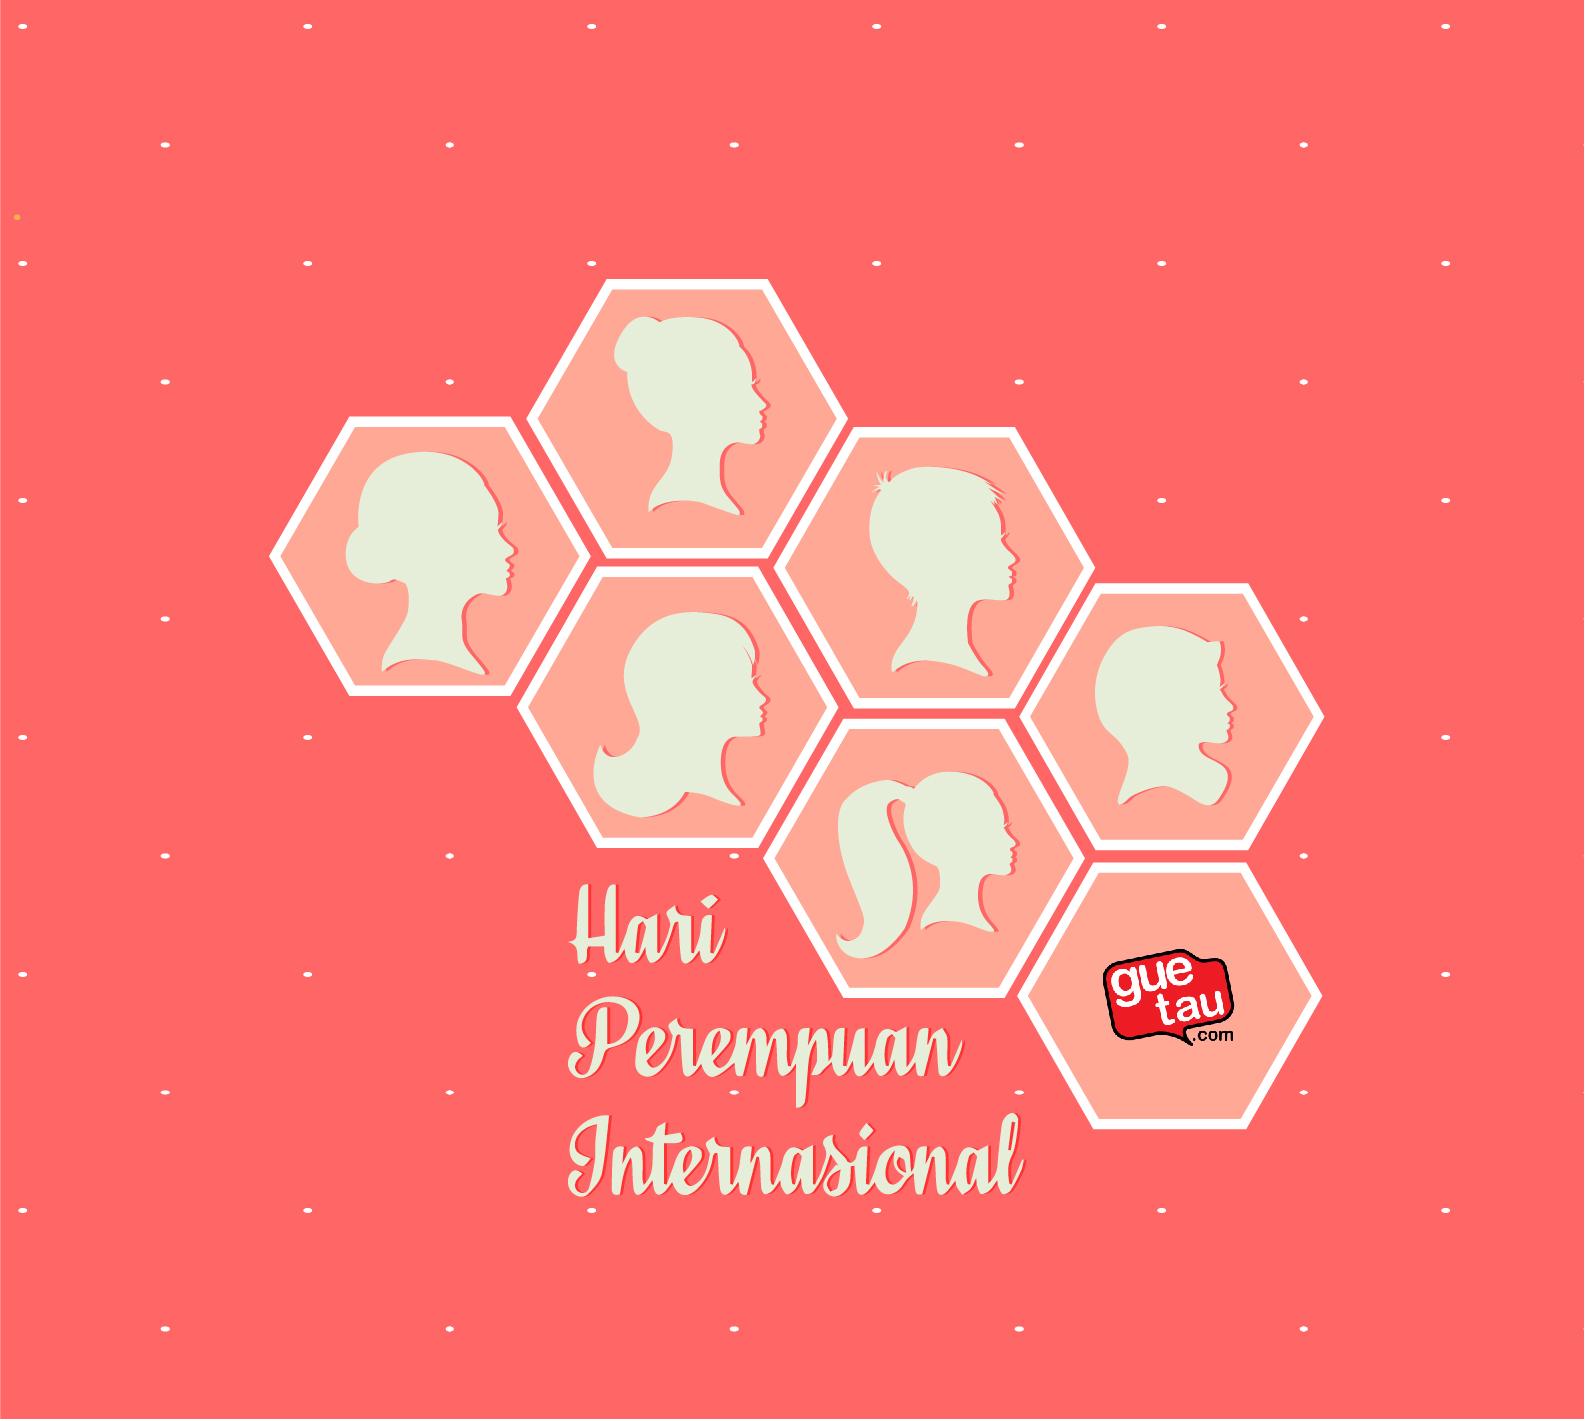 hari perempuan internasional-01-01